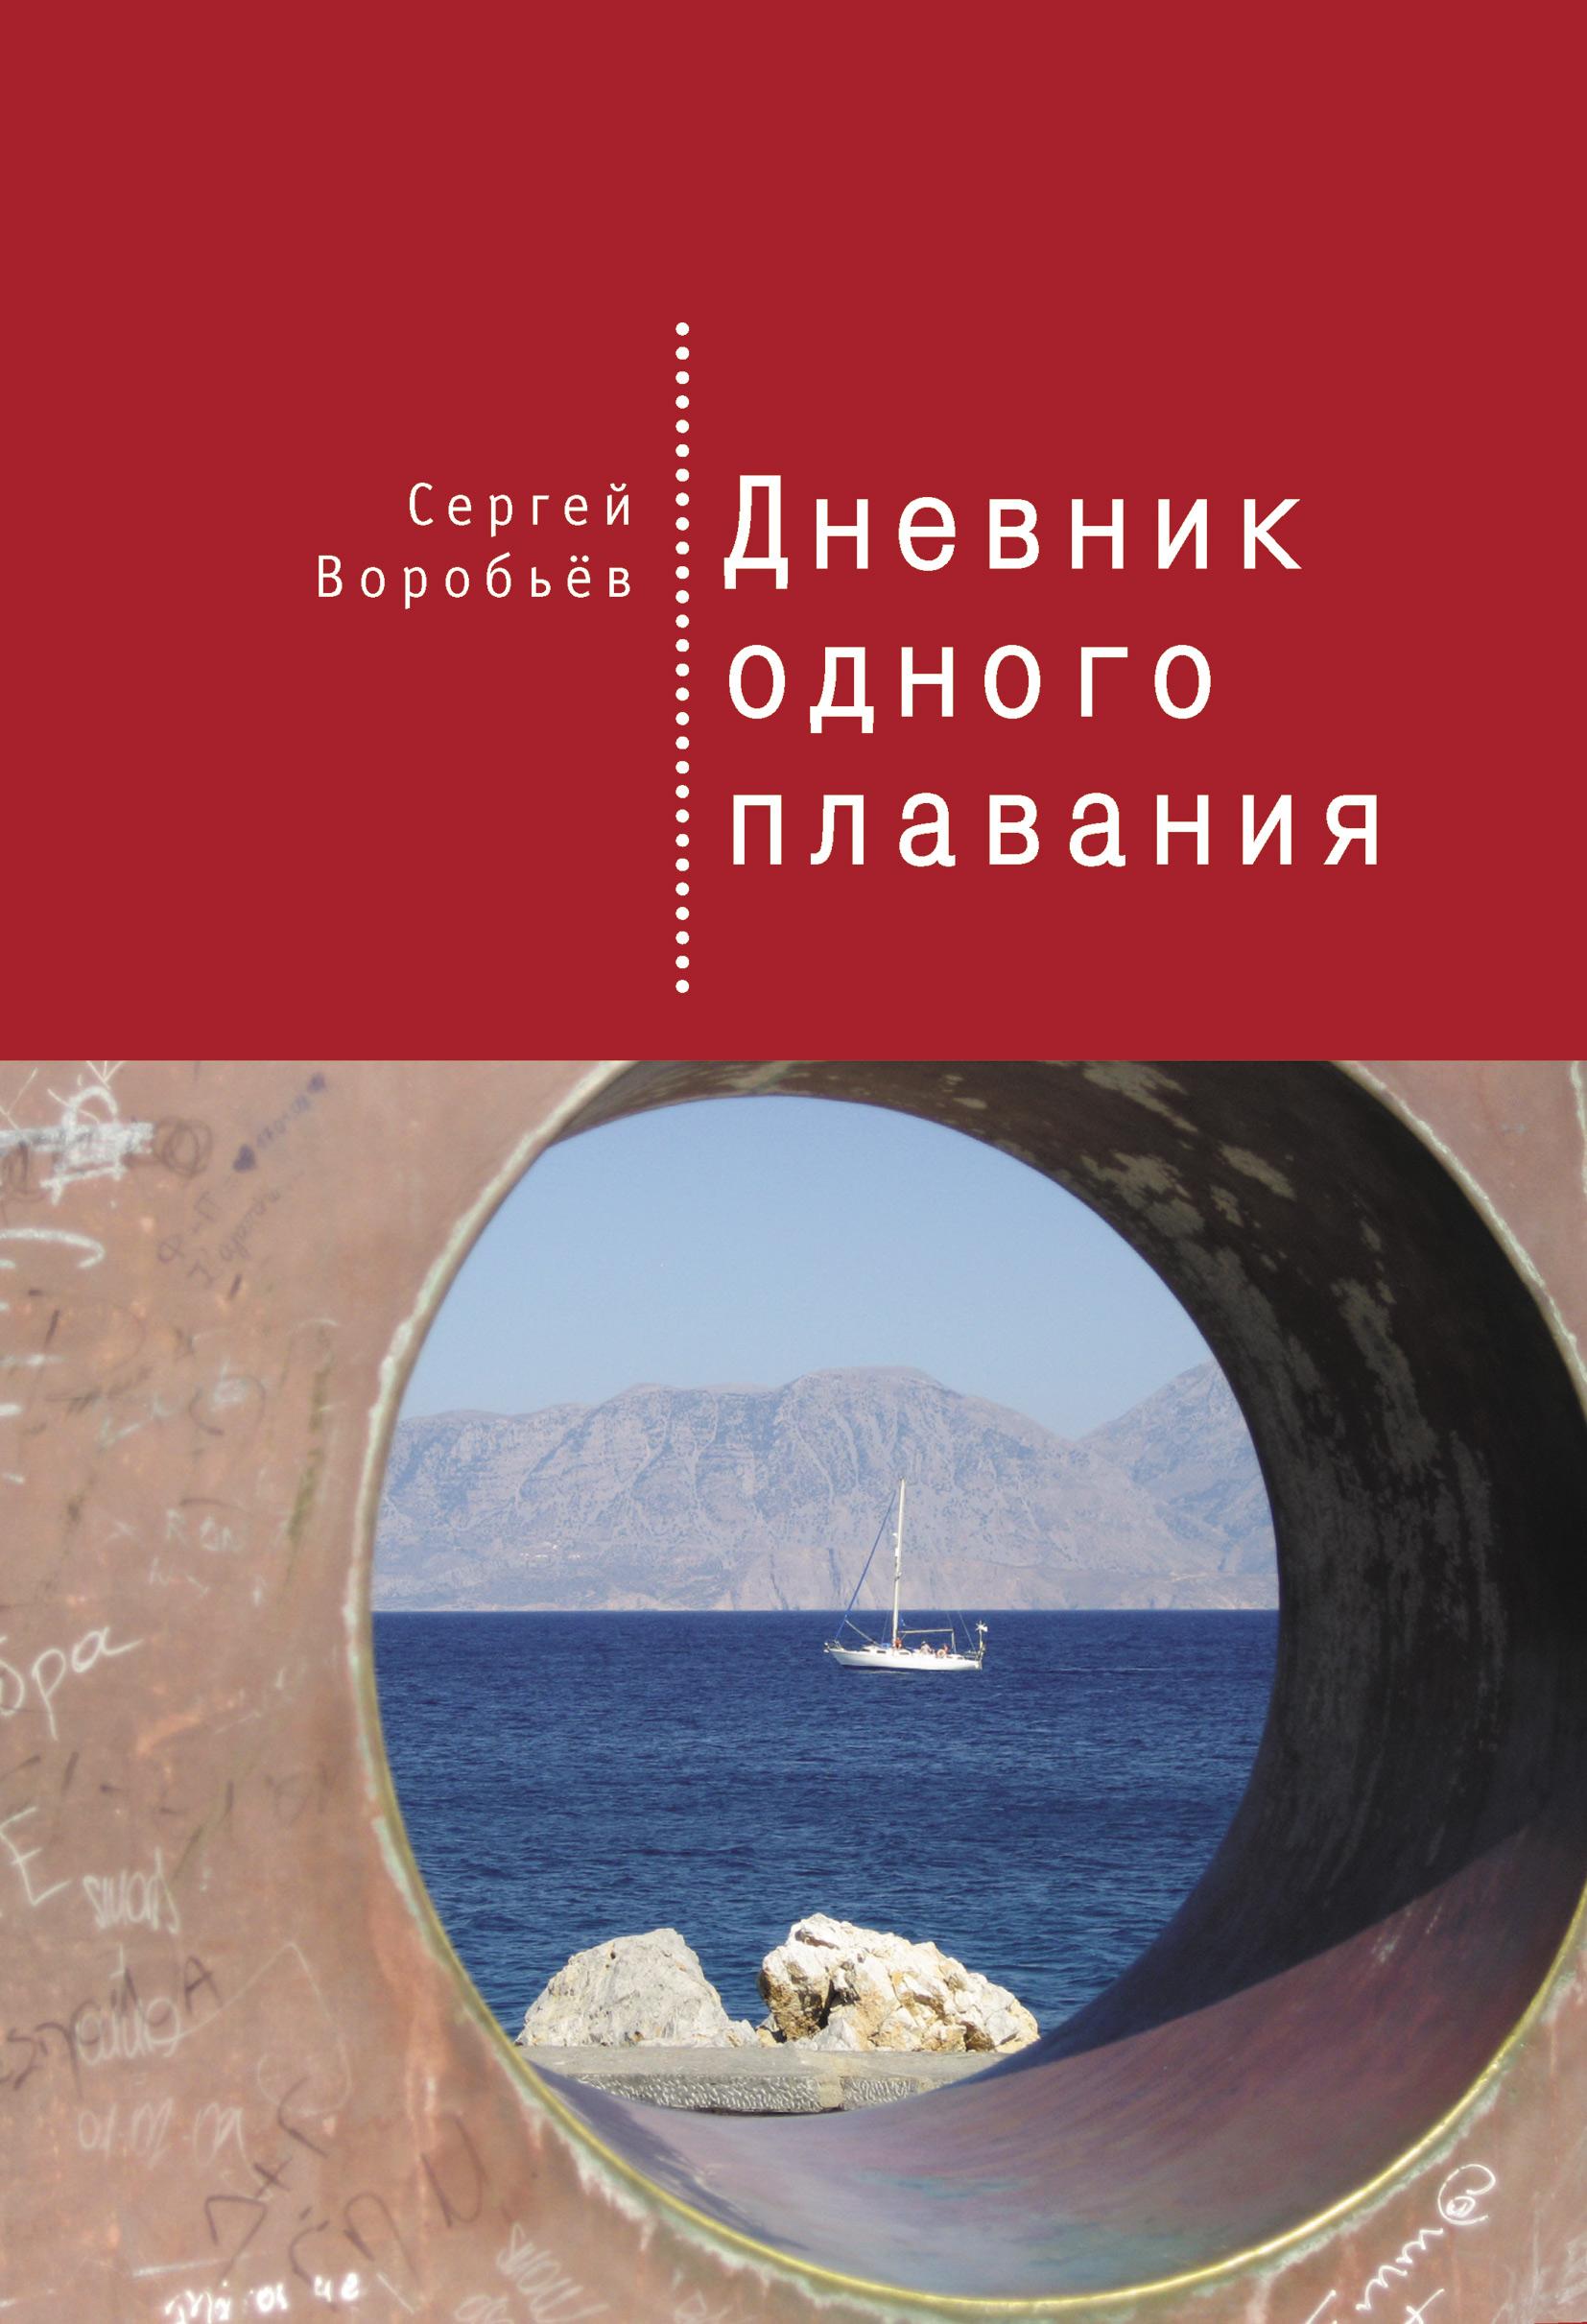 Сергей Воробьев Дневник одного плавания